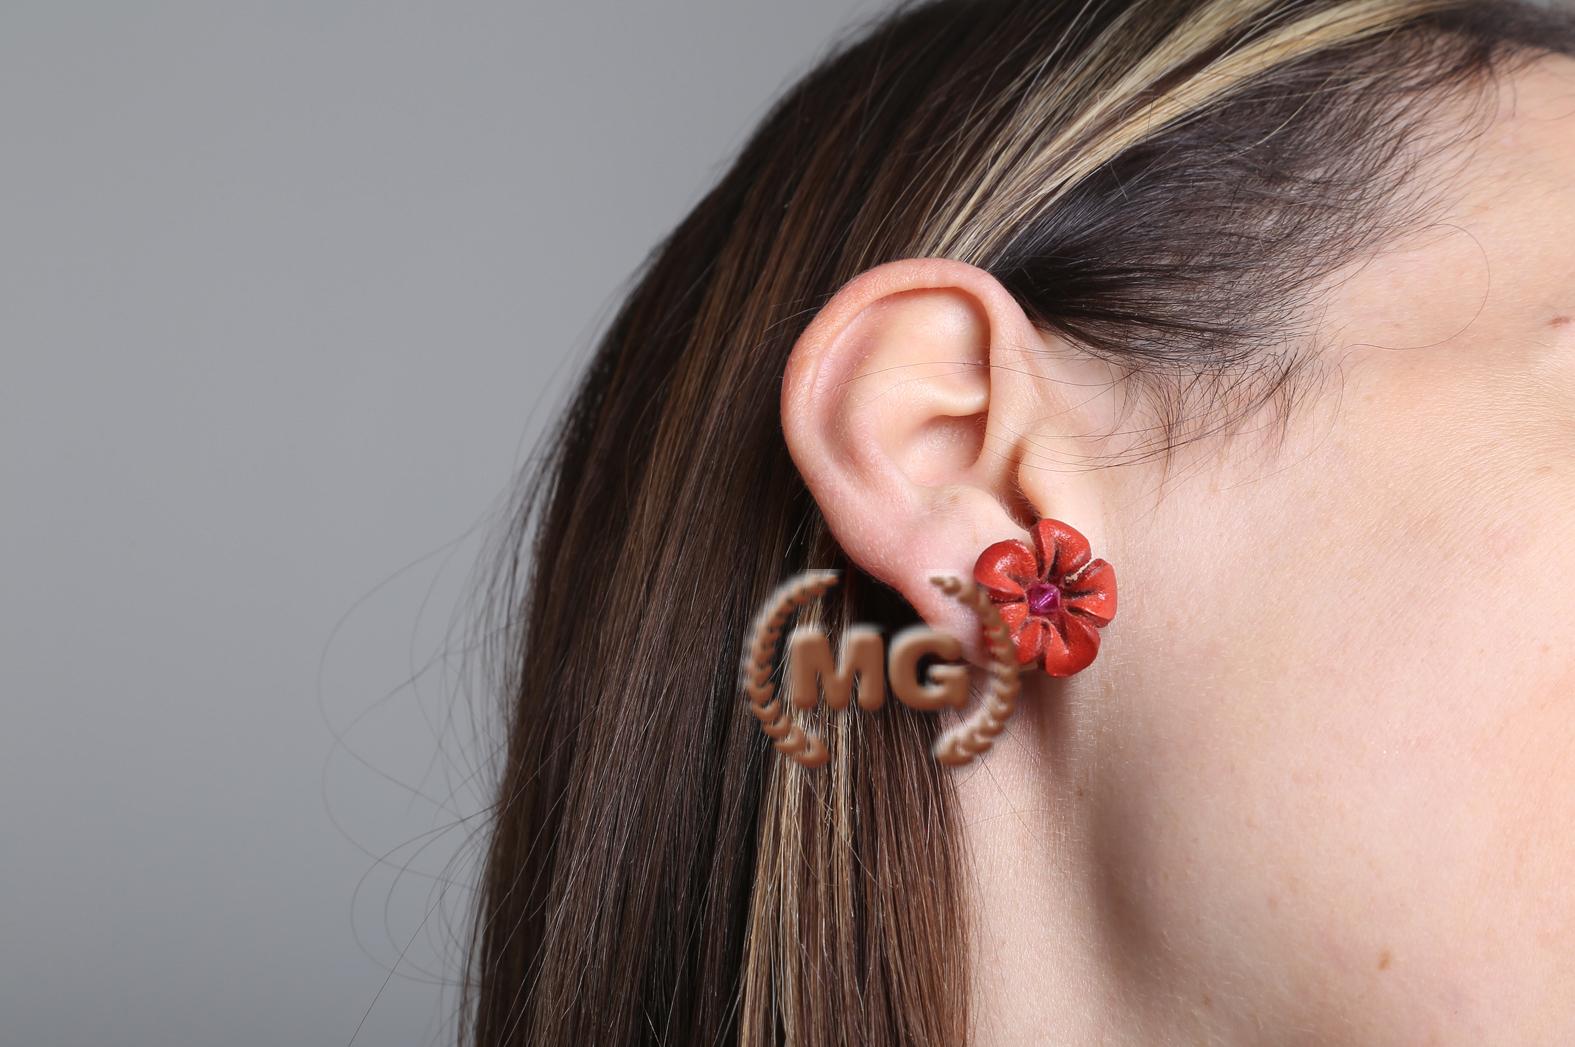 orecchini realizzati a mano in cuoio e farfalla in metallo